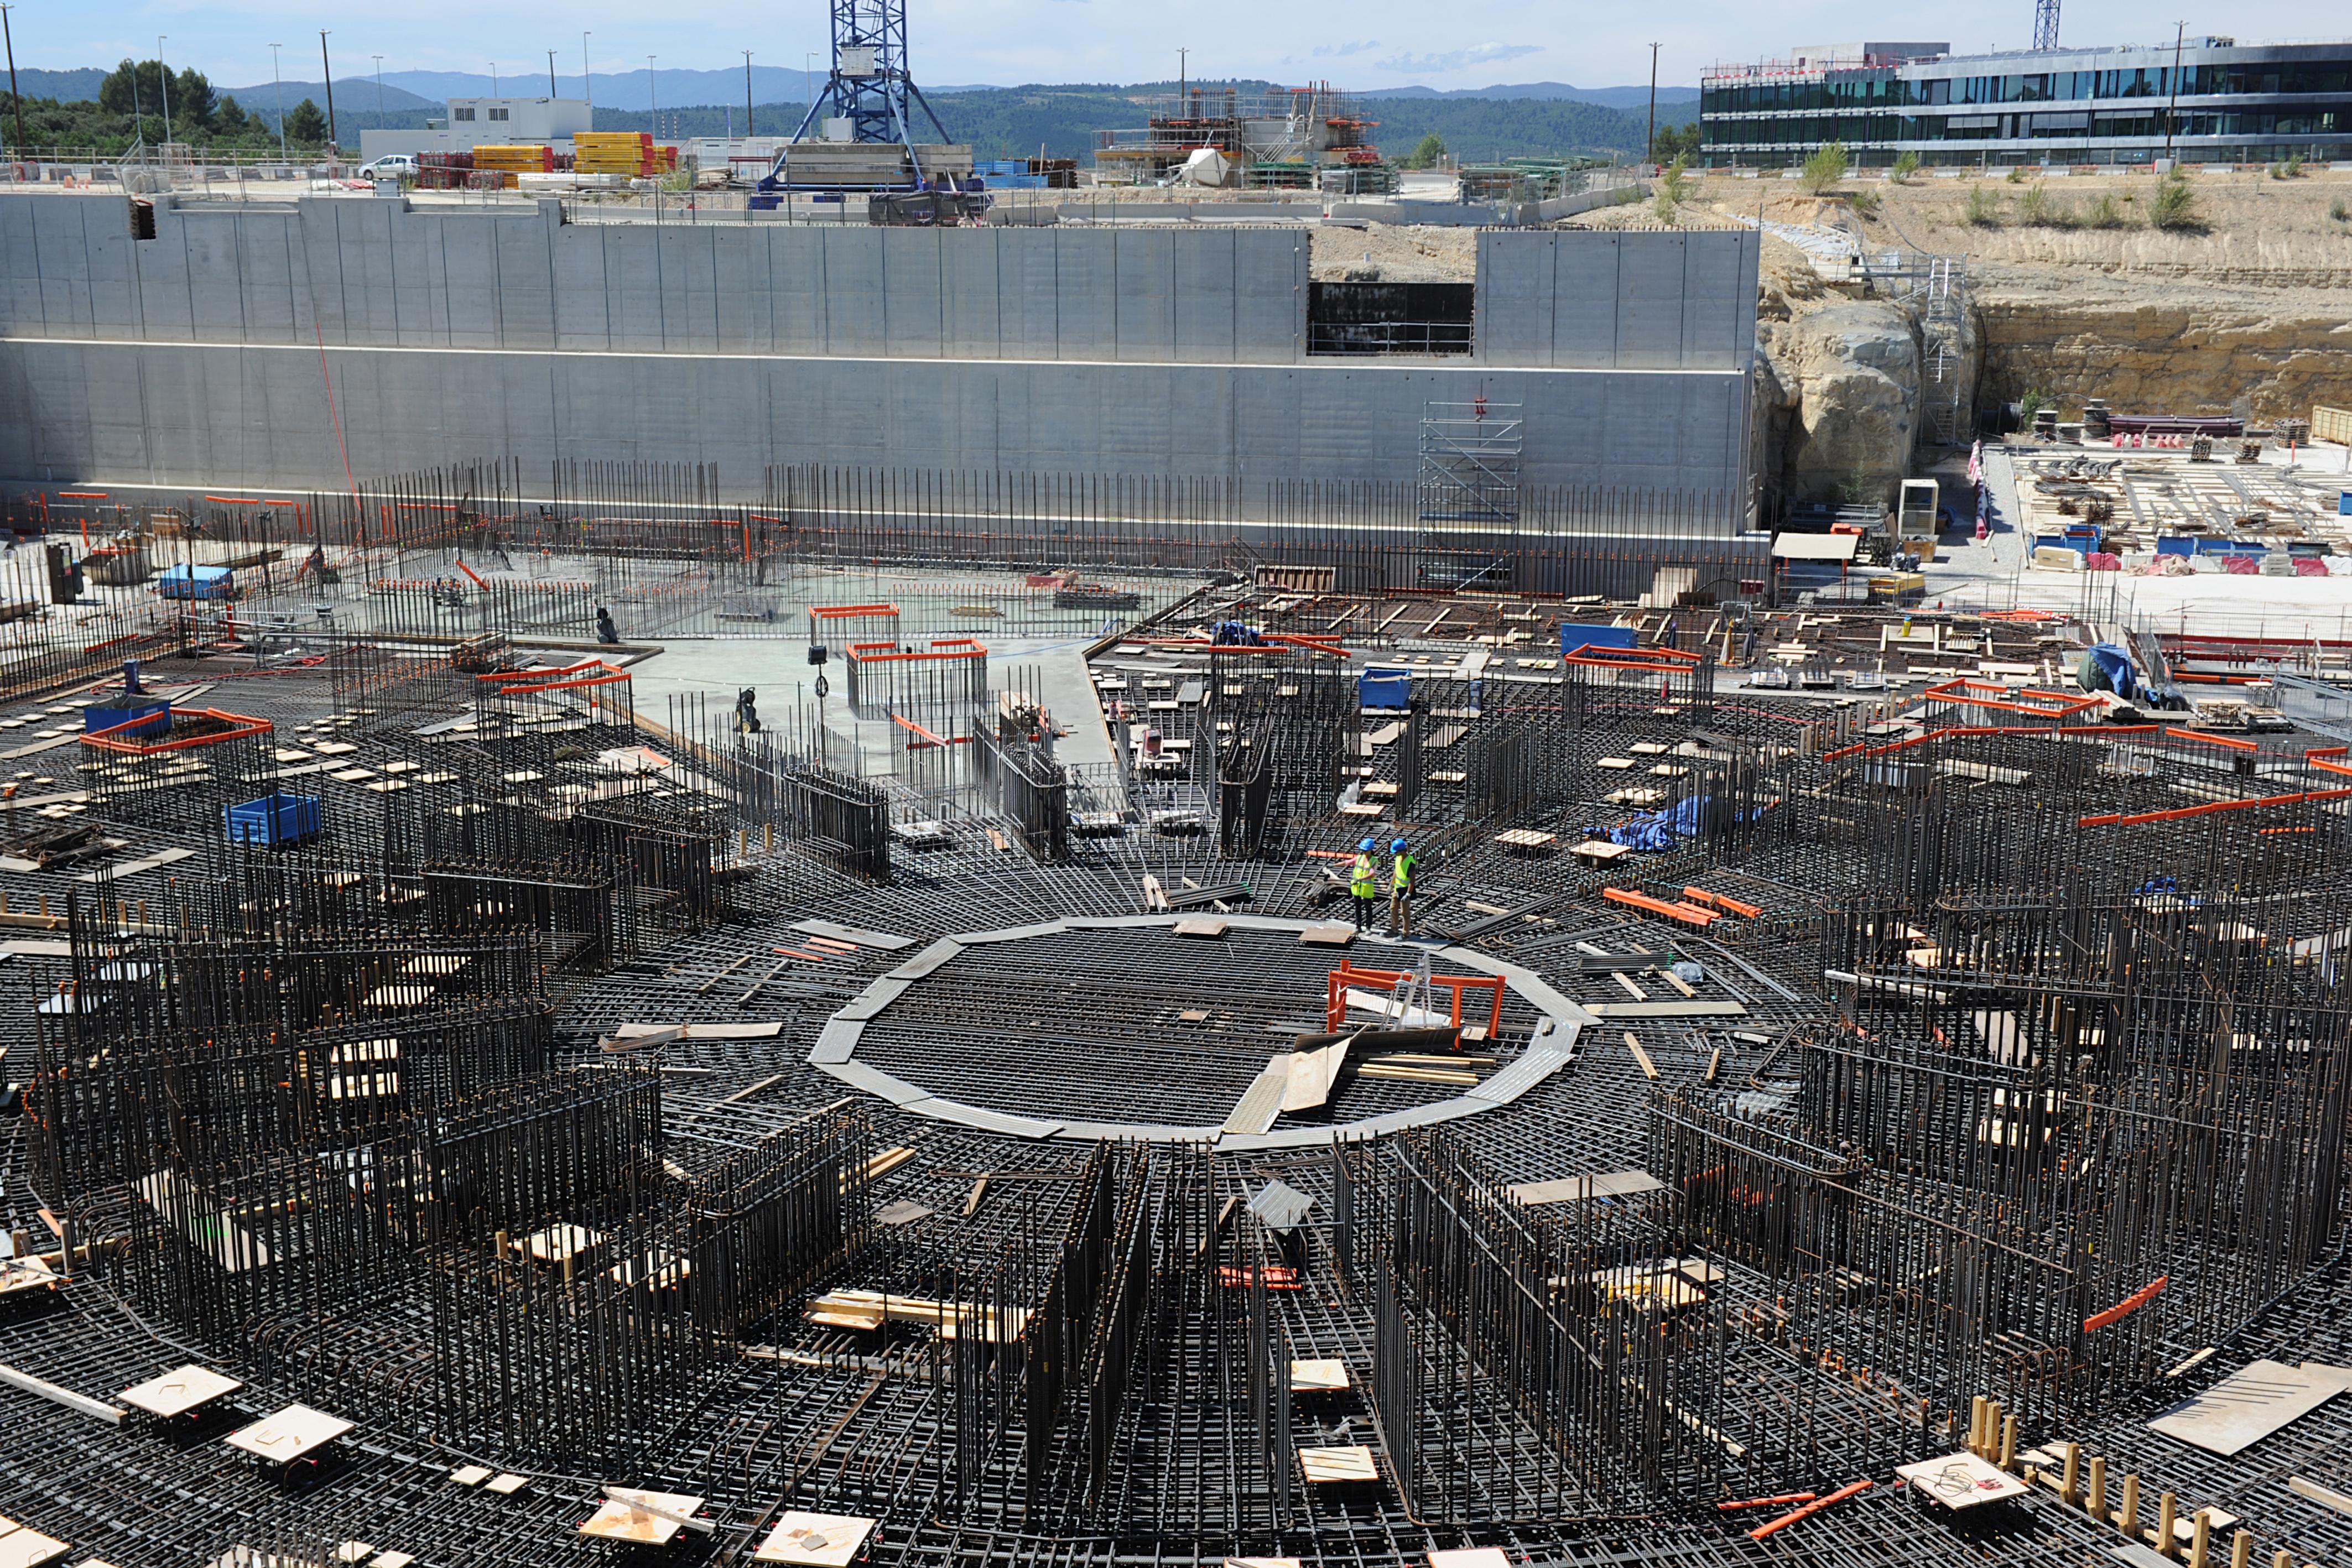 Olyan meleg van, hogy három francia atomerőmű négy reaktorblokkját is leállították a folyók védelmének érdekében